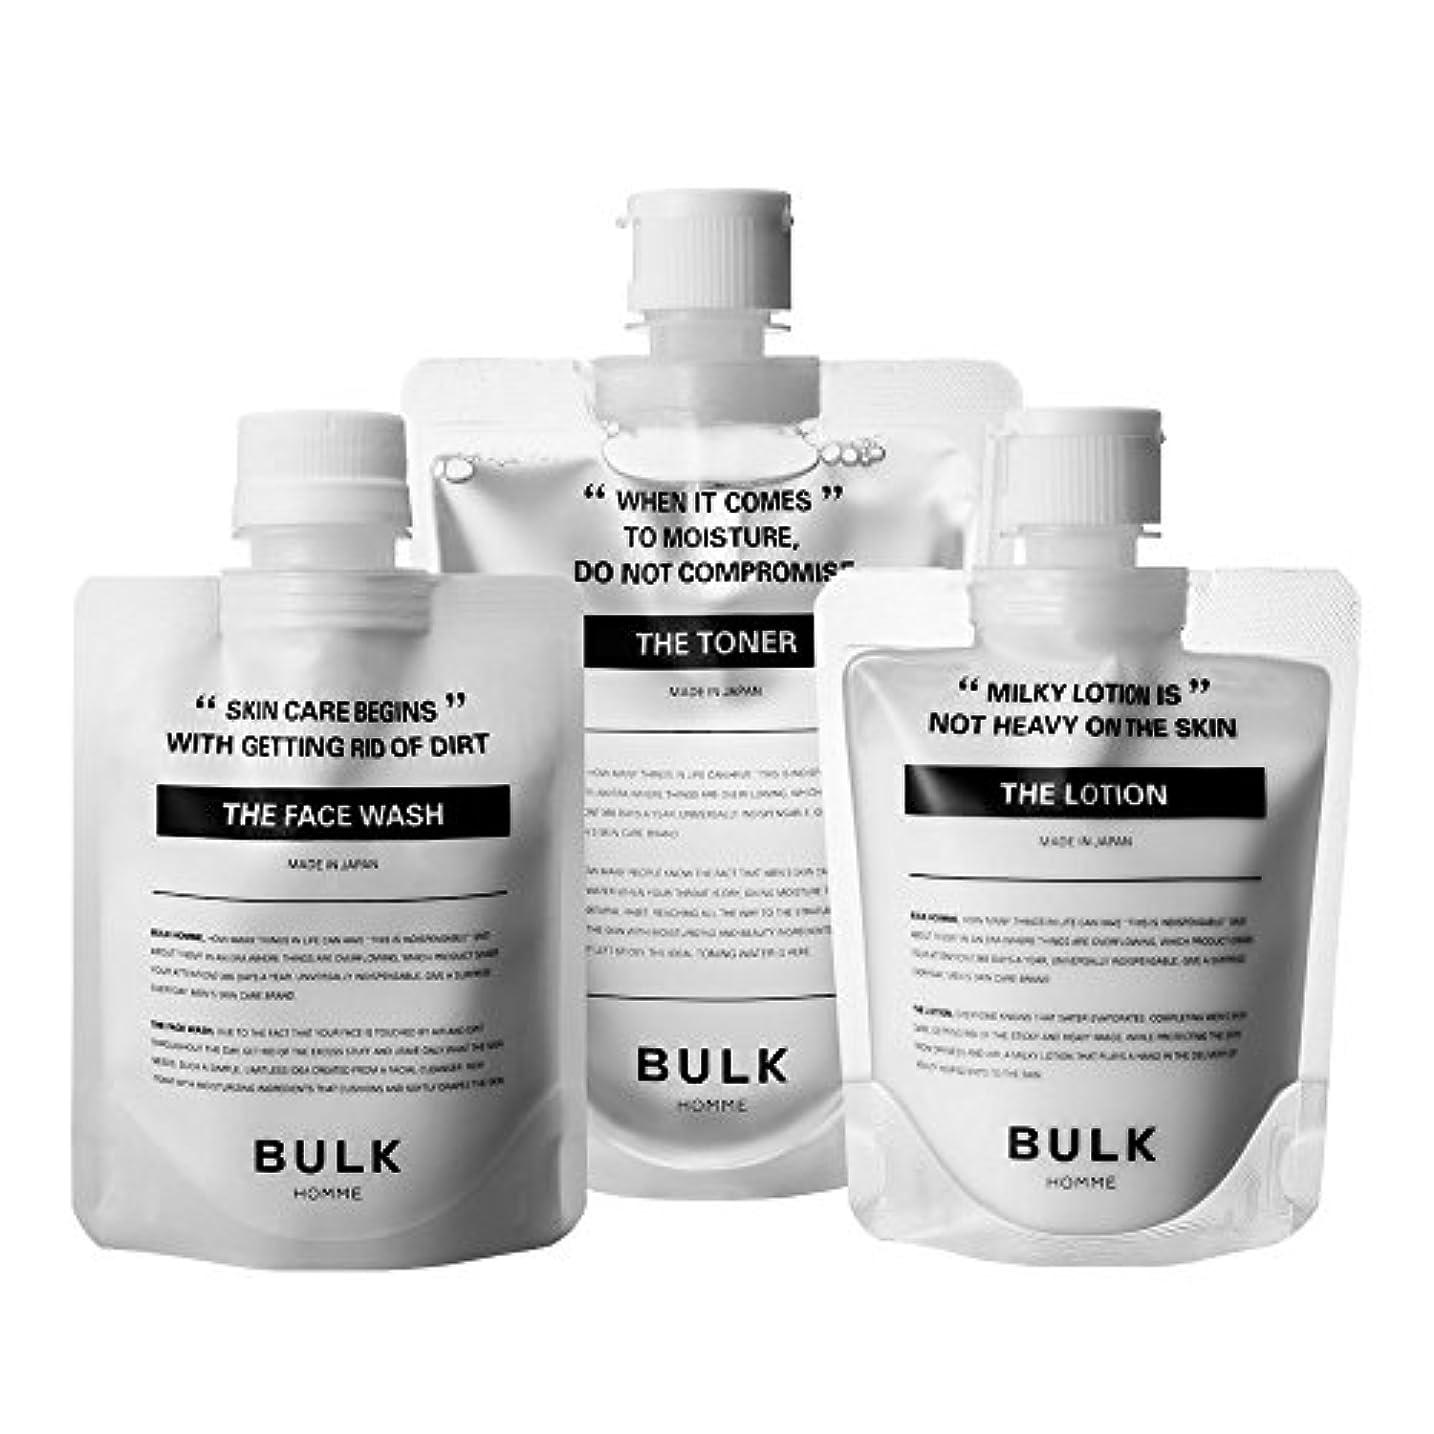 憂鬱な作者アウトドアバルクオム (BULK HOMME) バルクオム フェイスケアセット(メンズスキンケア) 洗顔&化粧水&乳液 プレゼント袋なし